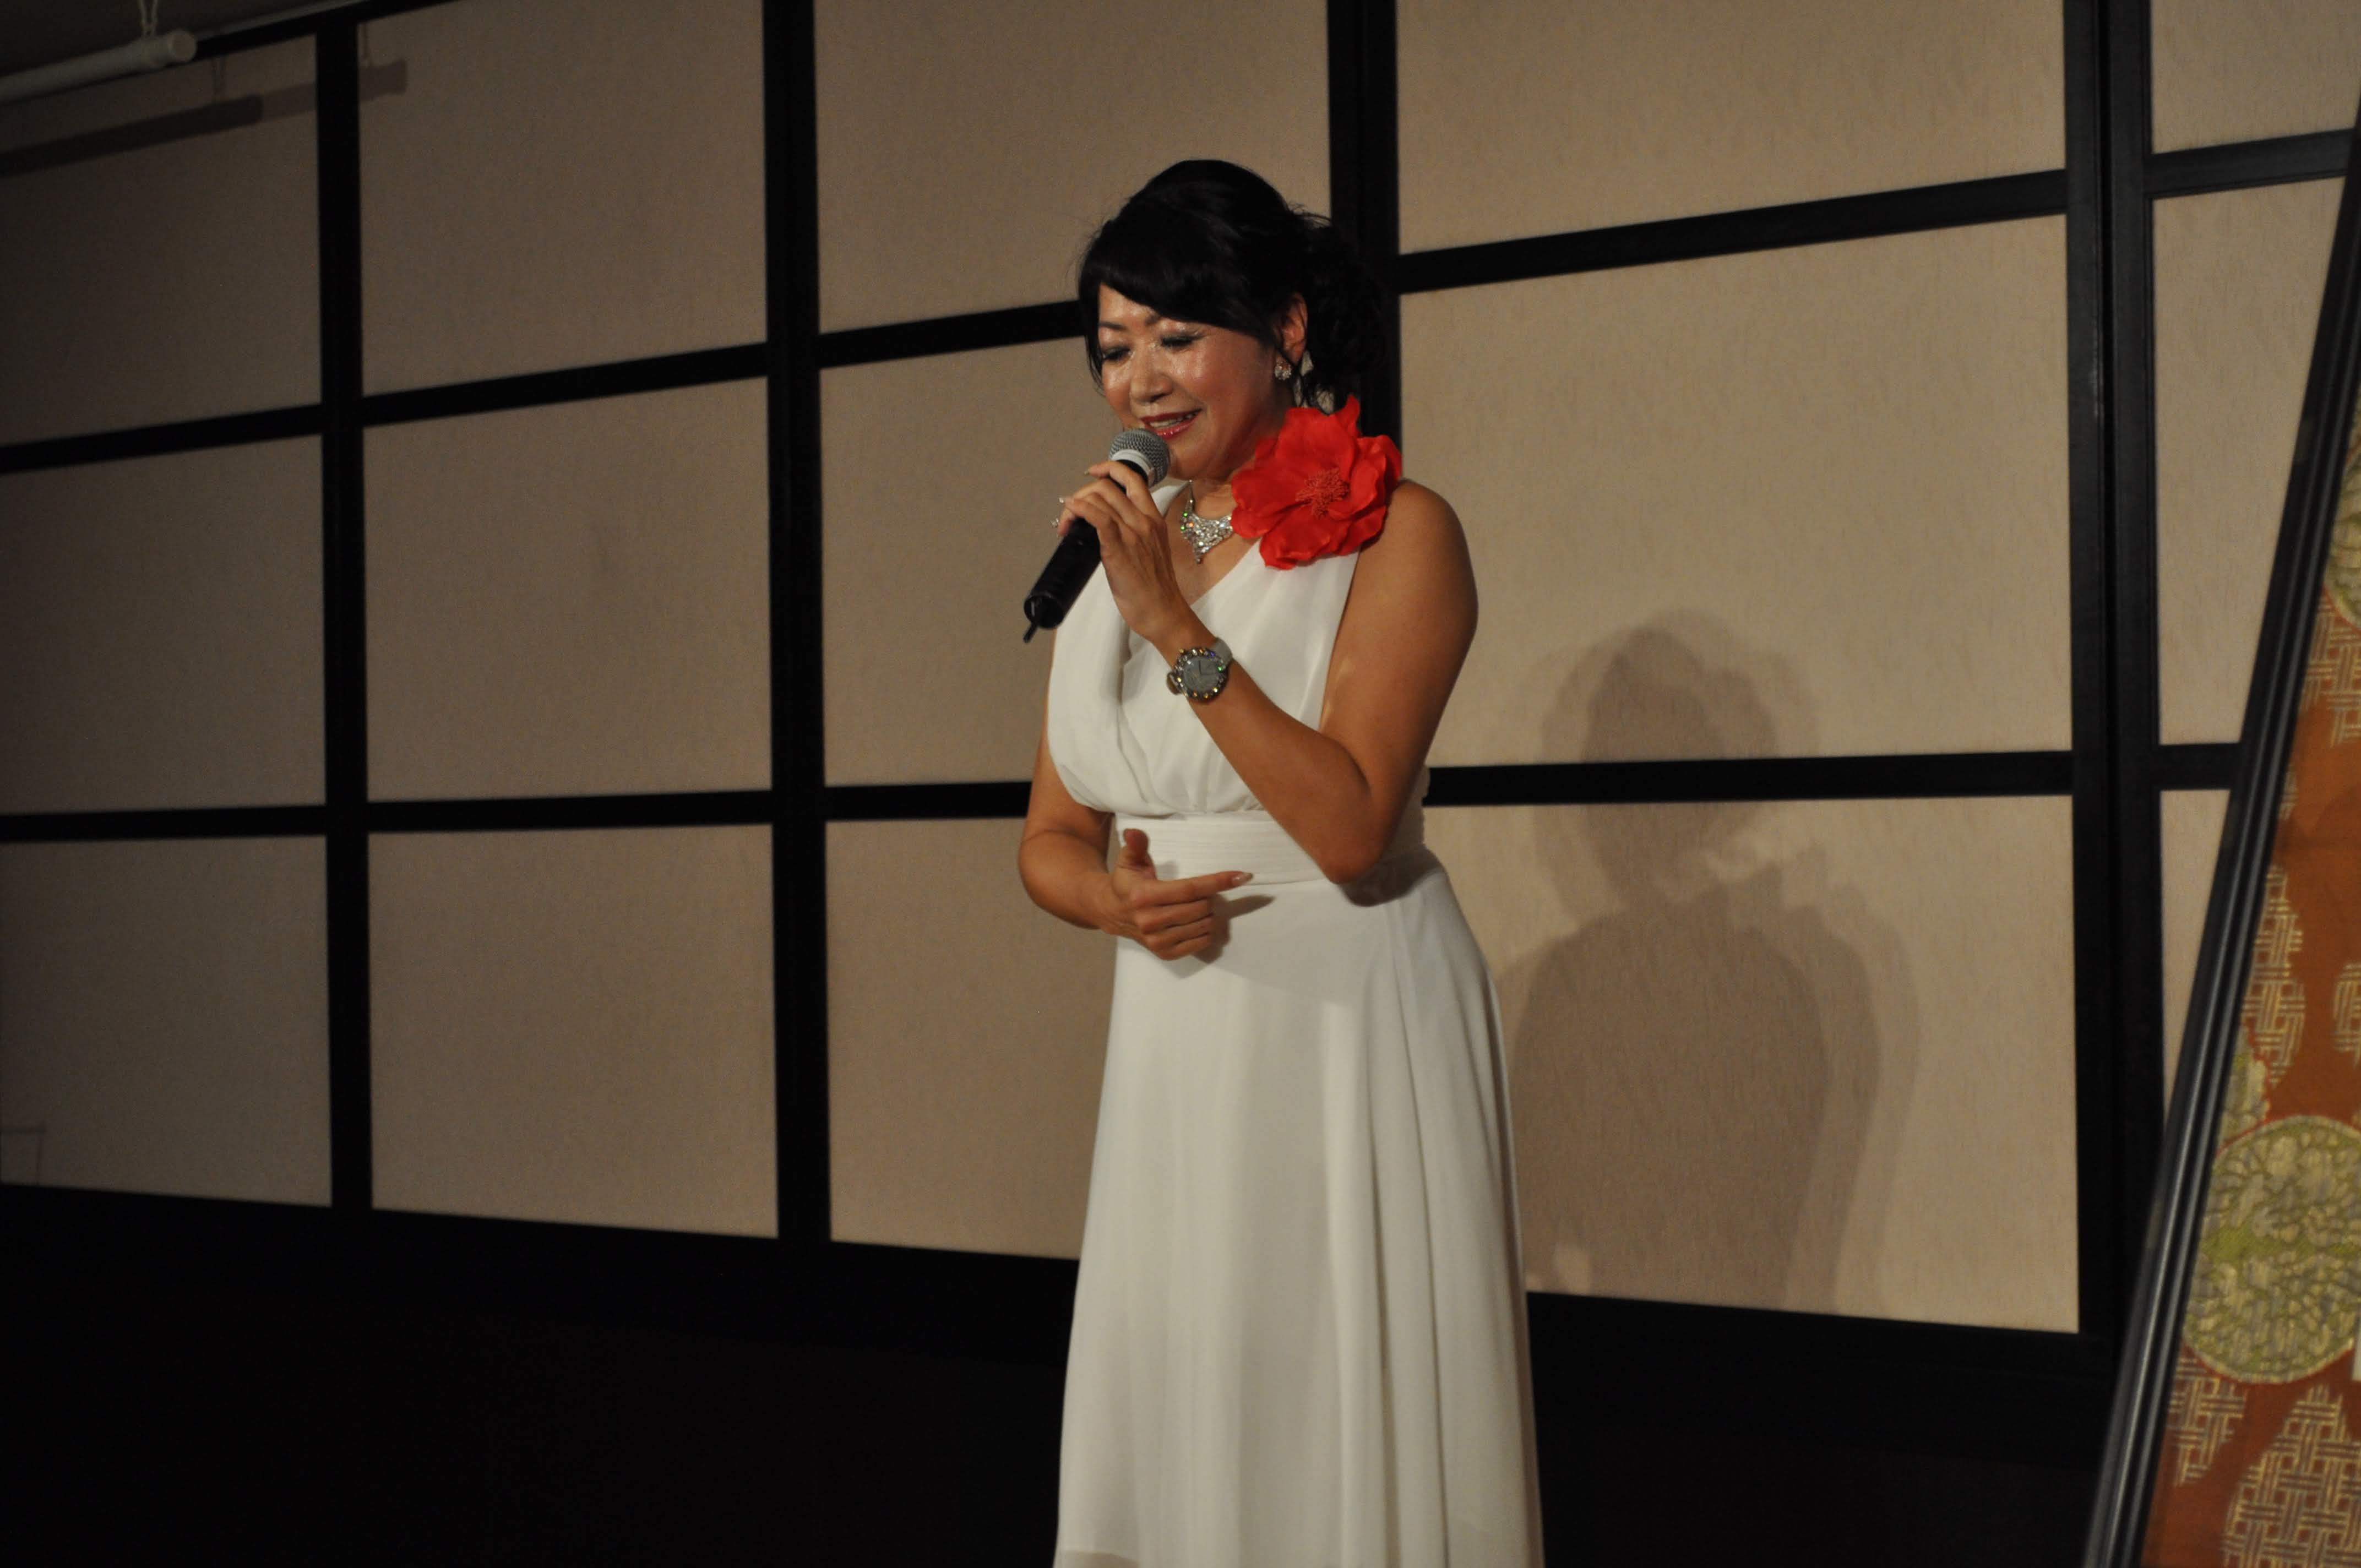 DSC 0477 1 - 思風会全国大会in広島